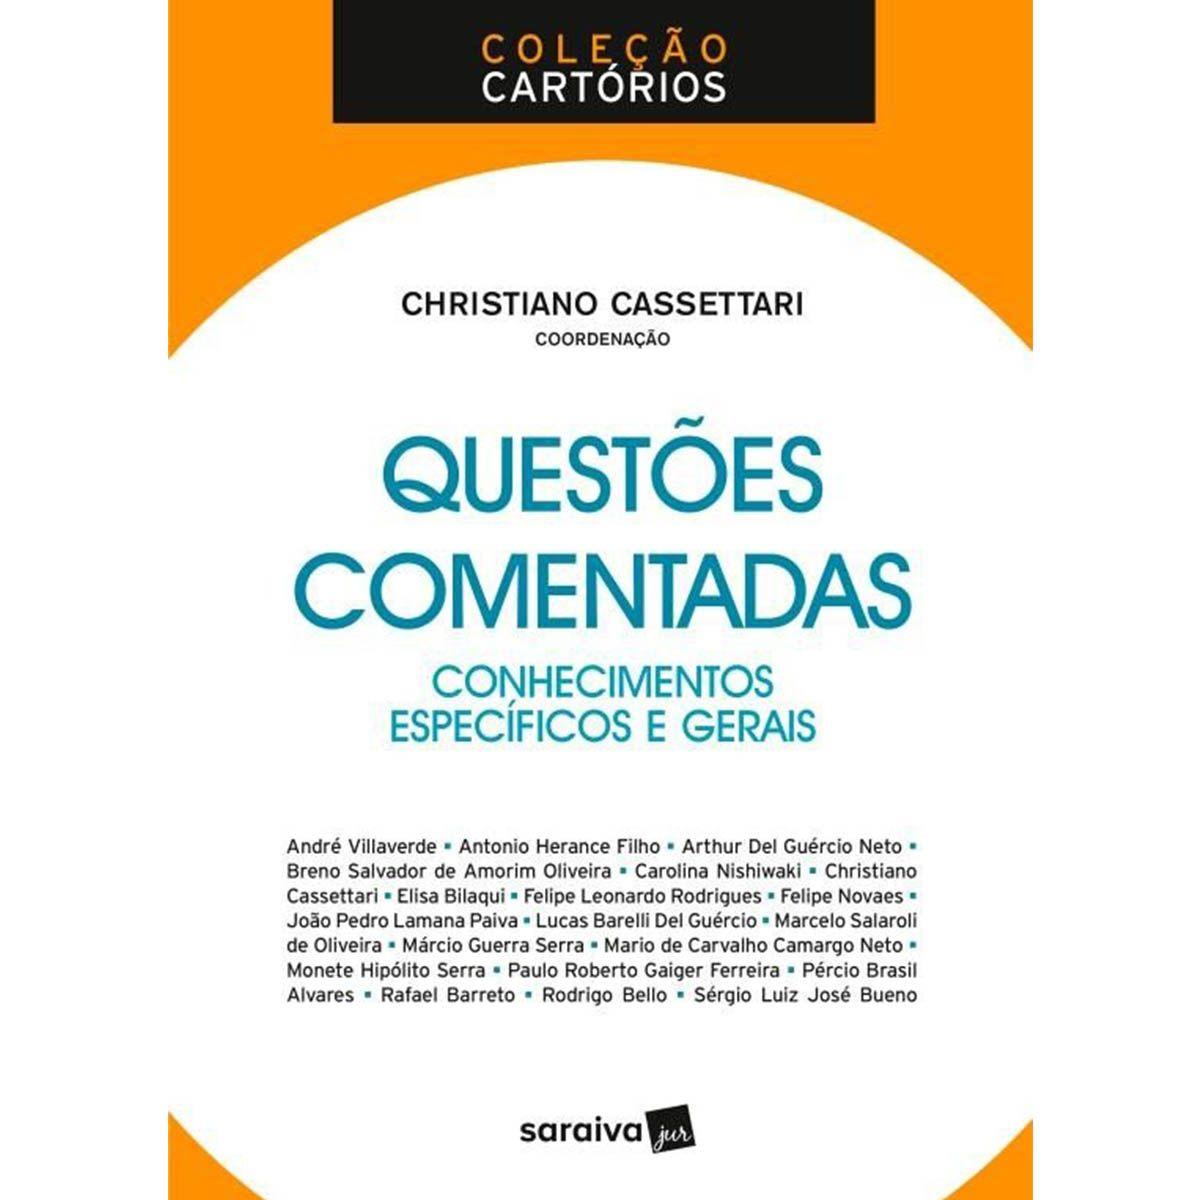 Coleção Cartórios - Questões Comentadas